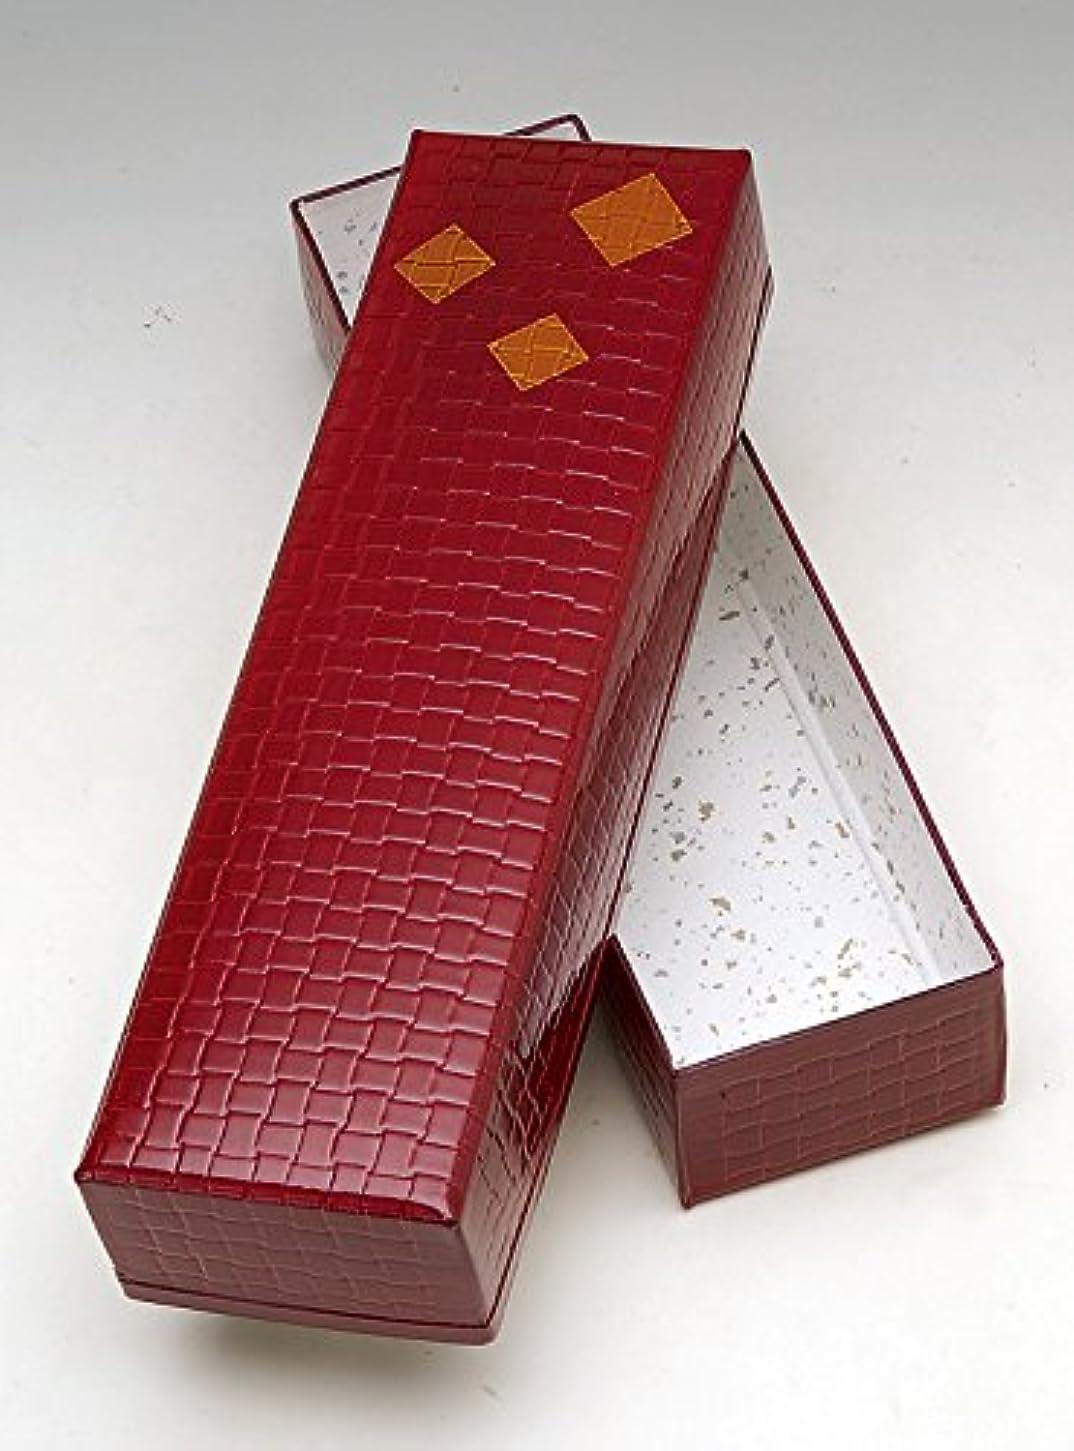 モザイク発表する対抗茶道具商 左座園 茶道具 収納箱 塗文庫 短冊用